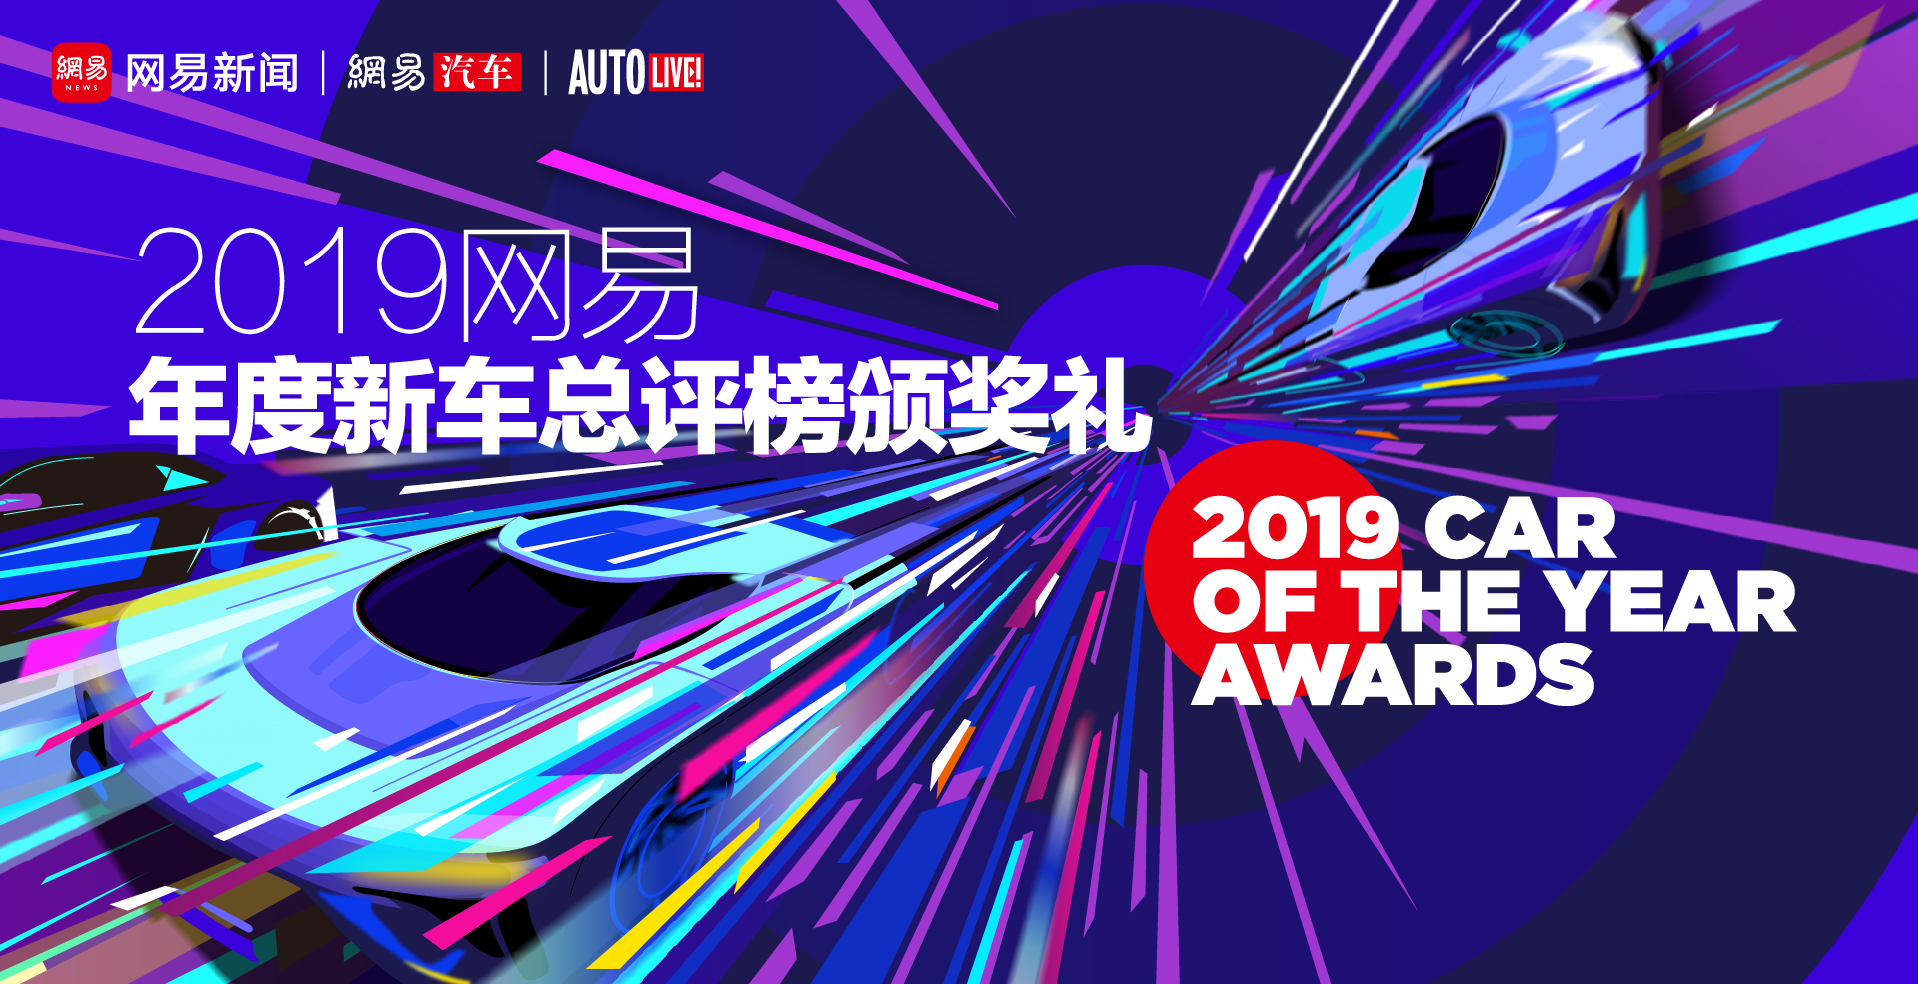 2019网易年度新车总评榜颁奖礼